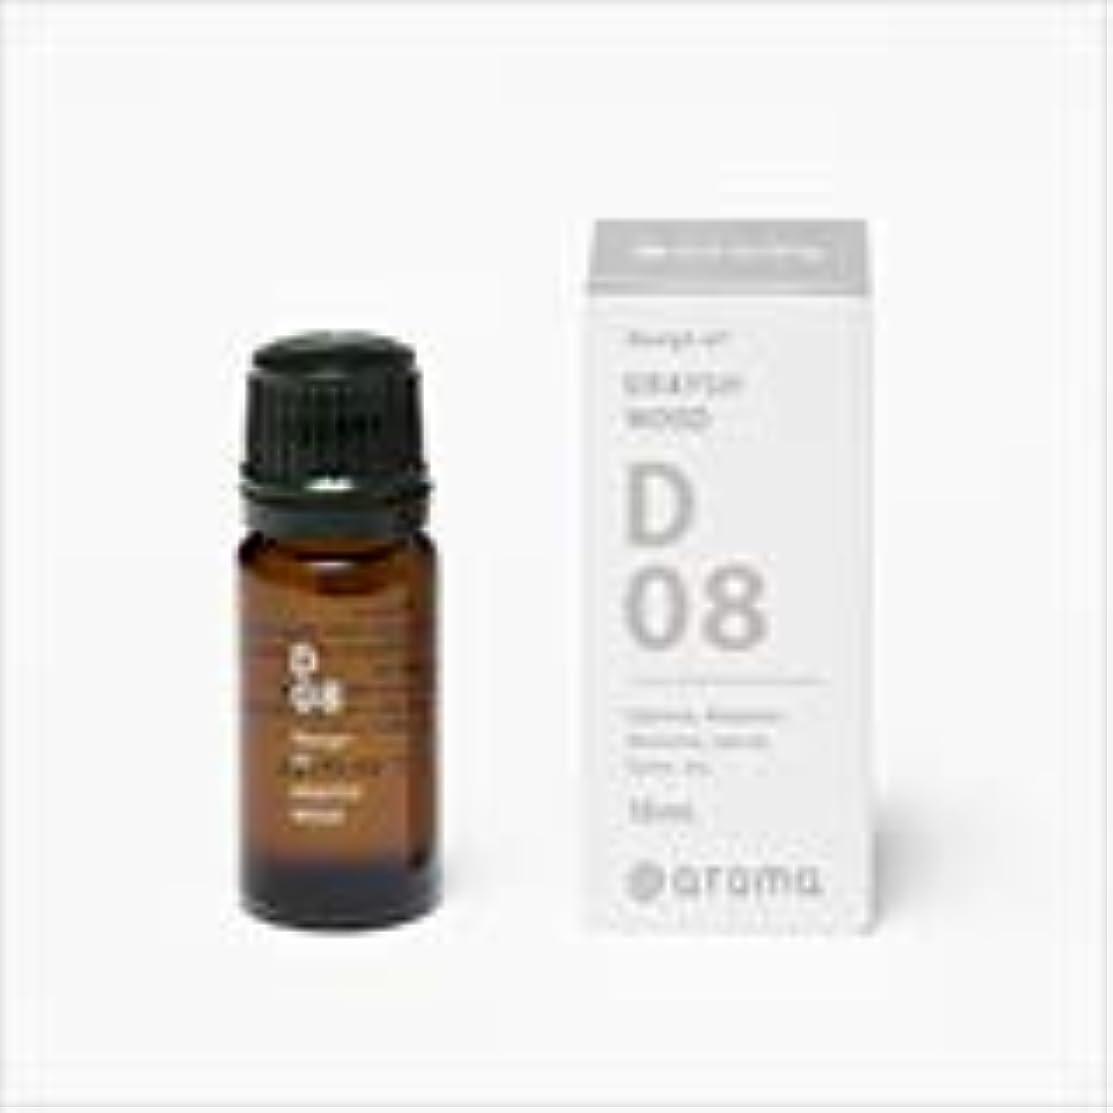 整然としたホステス傾向がありますアットアロマ 100%pure essential oil <Design air グレイッシュウッド>